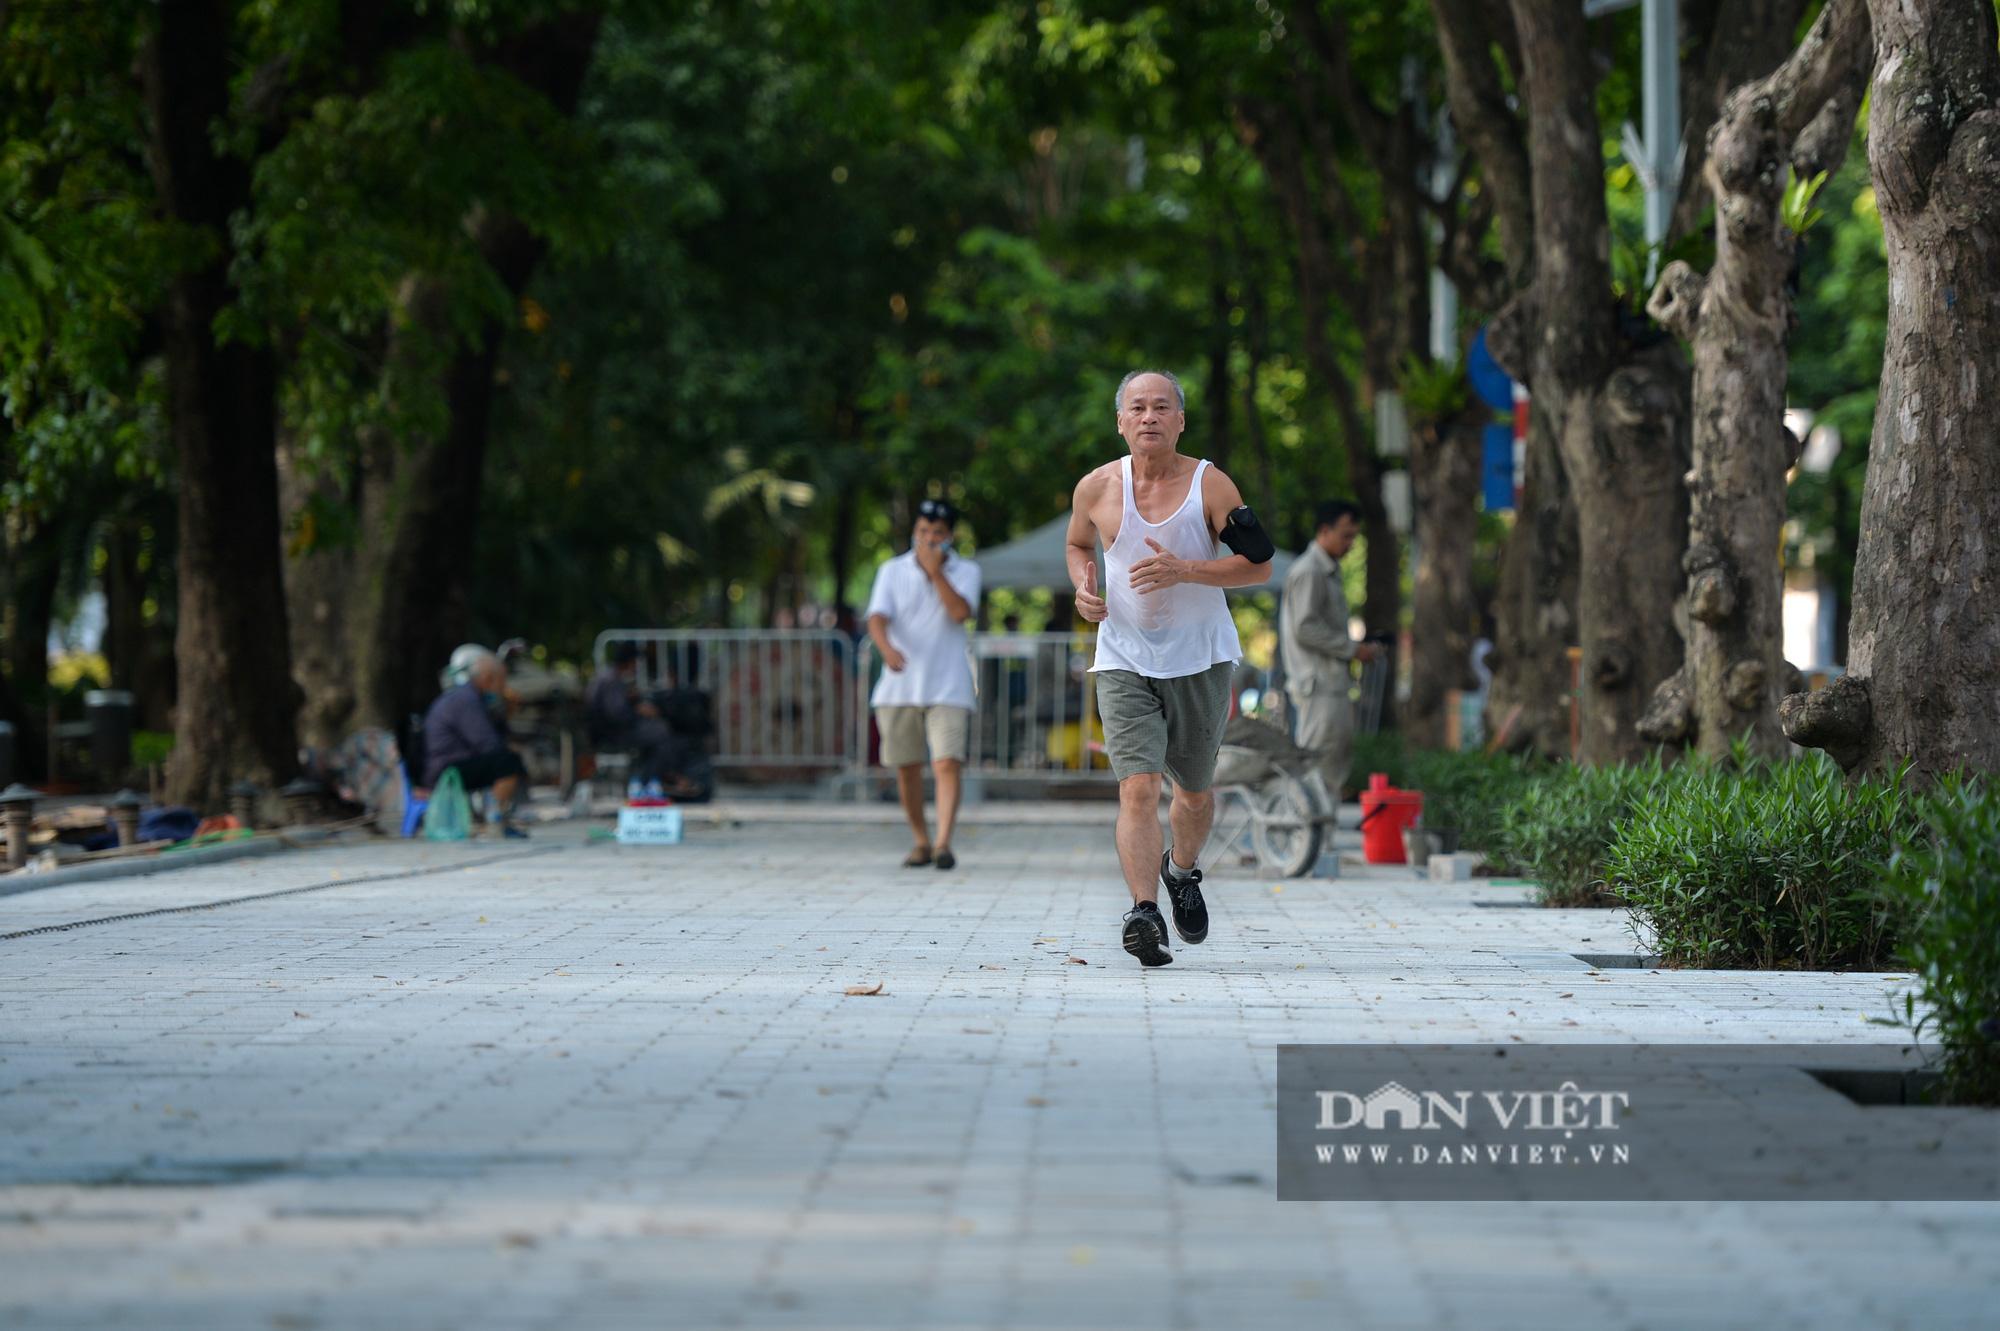 Nhìn lại 10 dự án tiêu biểu do ông Nguyễn Đức Chung - Chủ tịch TP Hà Nội chỉ đạo - Ảnh 12.